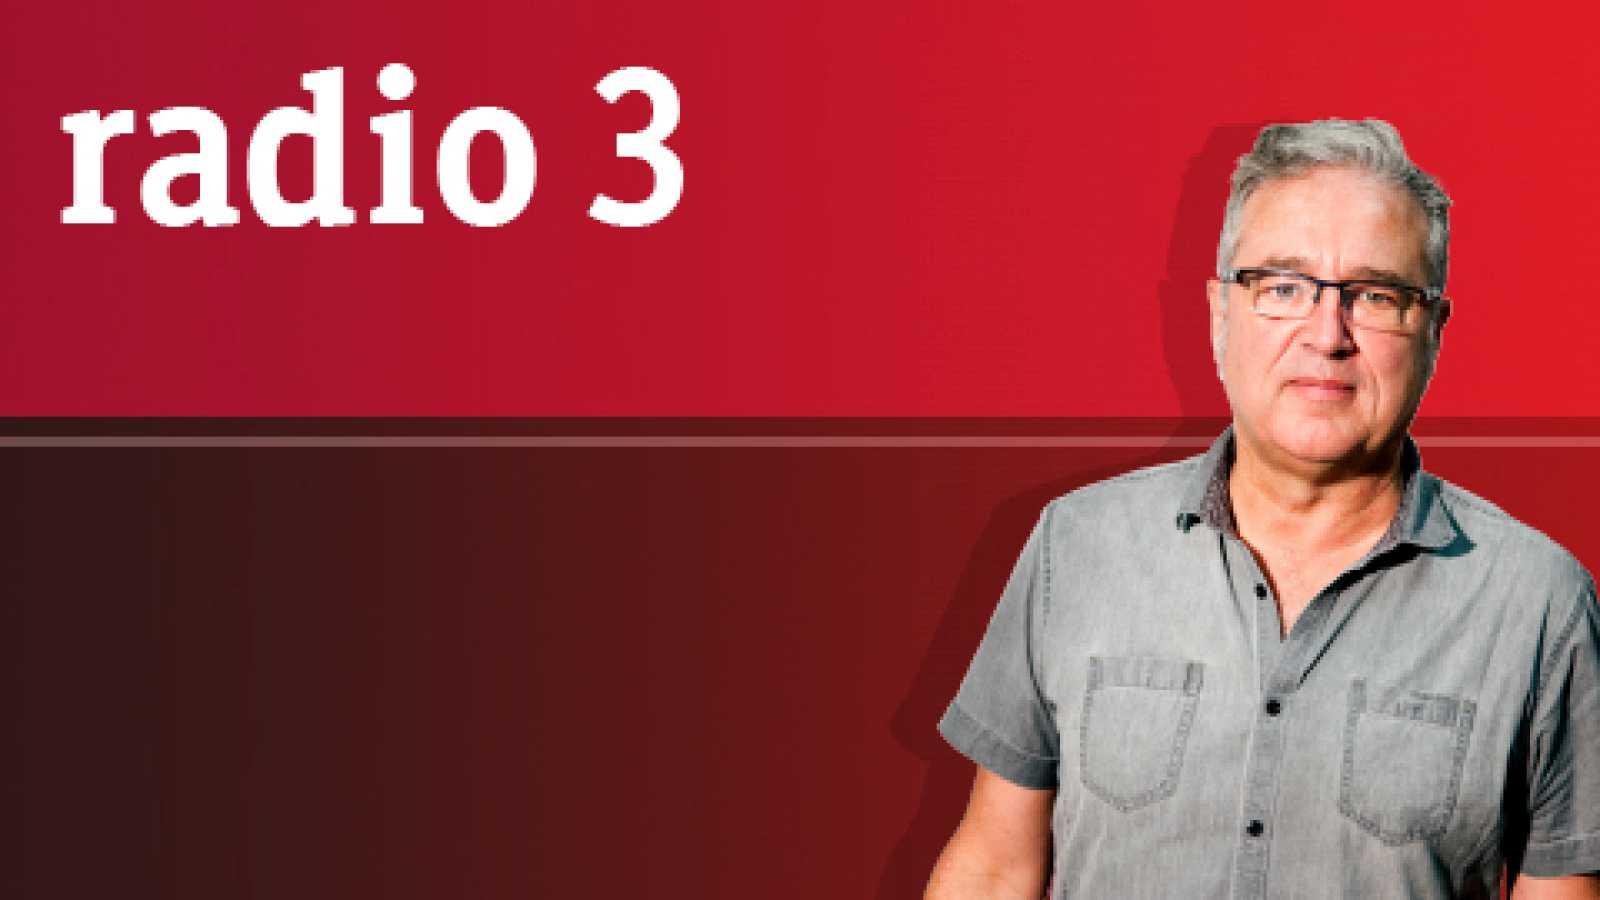 Tarataña - Mara Aranda y otros estrenos - 07/03/20 - escuchar ahora